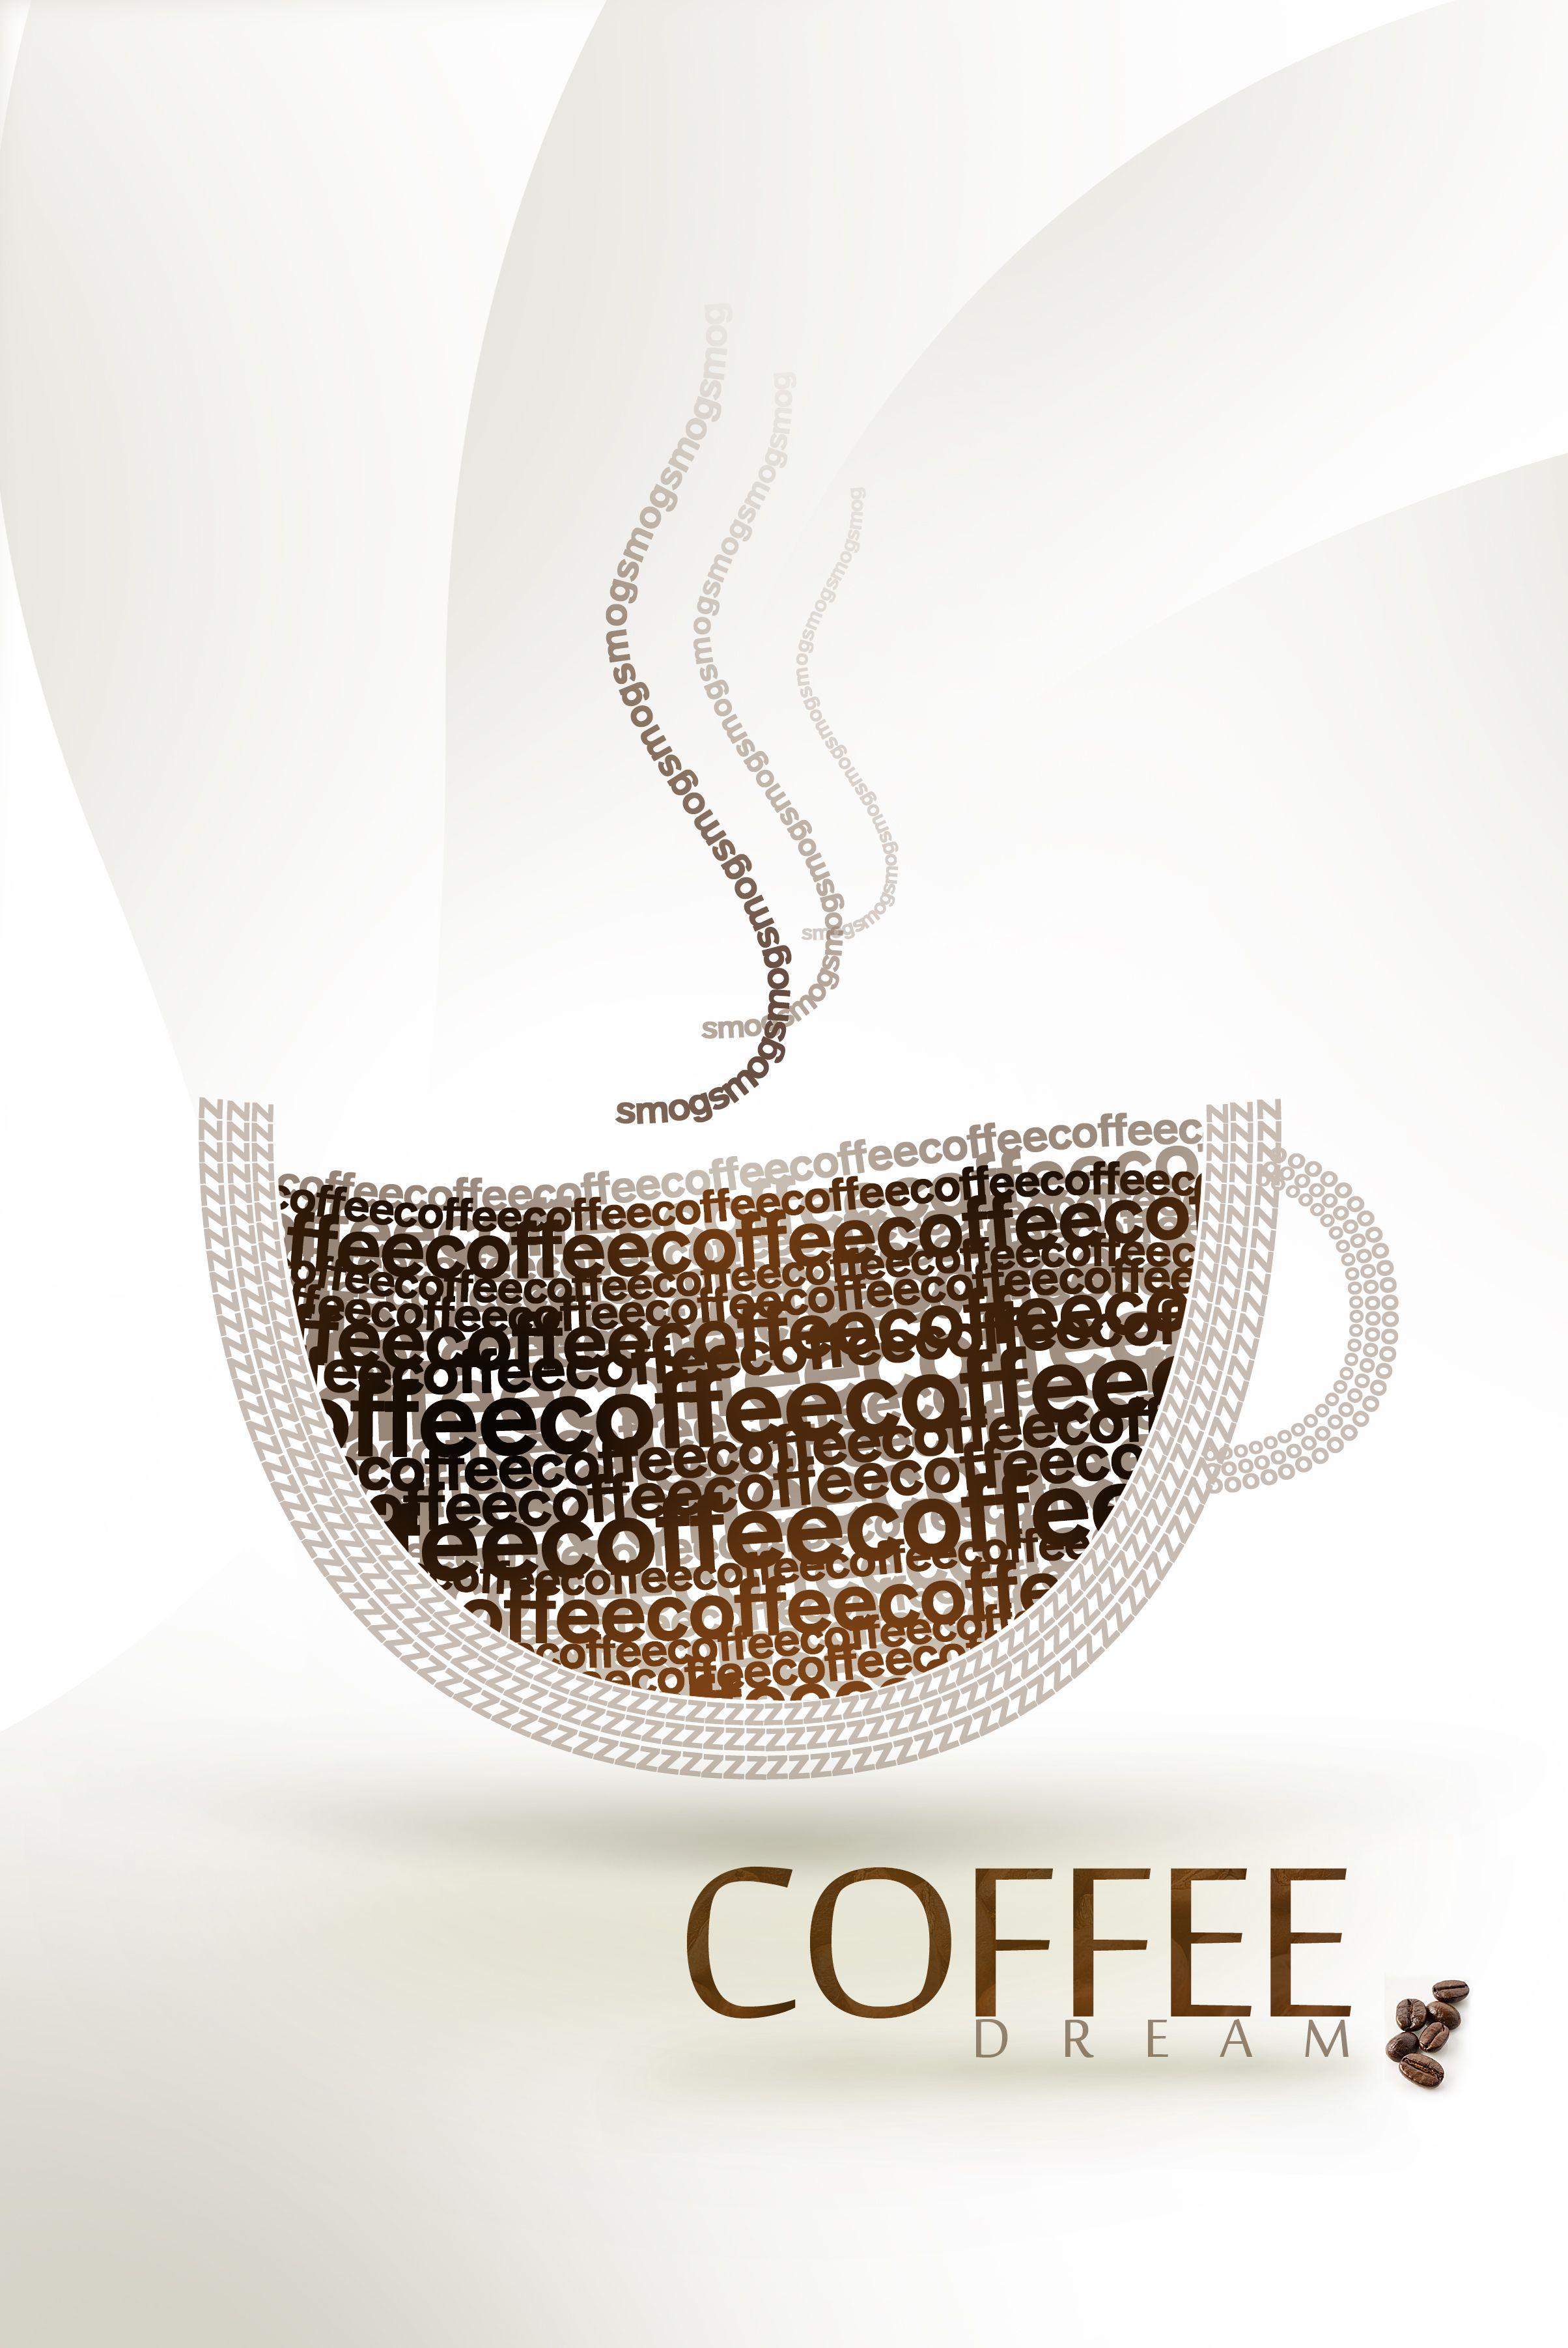 Coffee Dream By Bruninhoo Jpg 2408 3605 Coffee And Donuts Coffee Aroma Coffee Theme